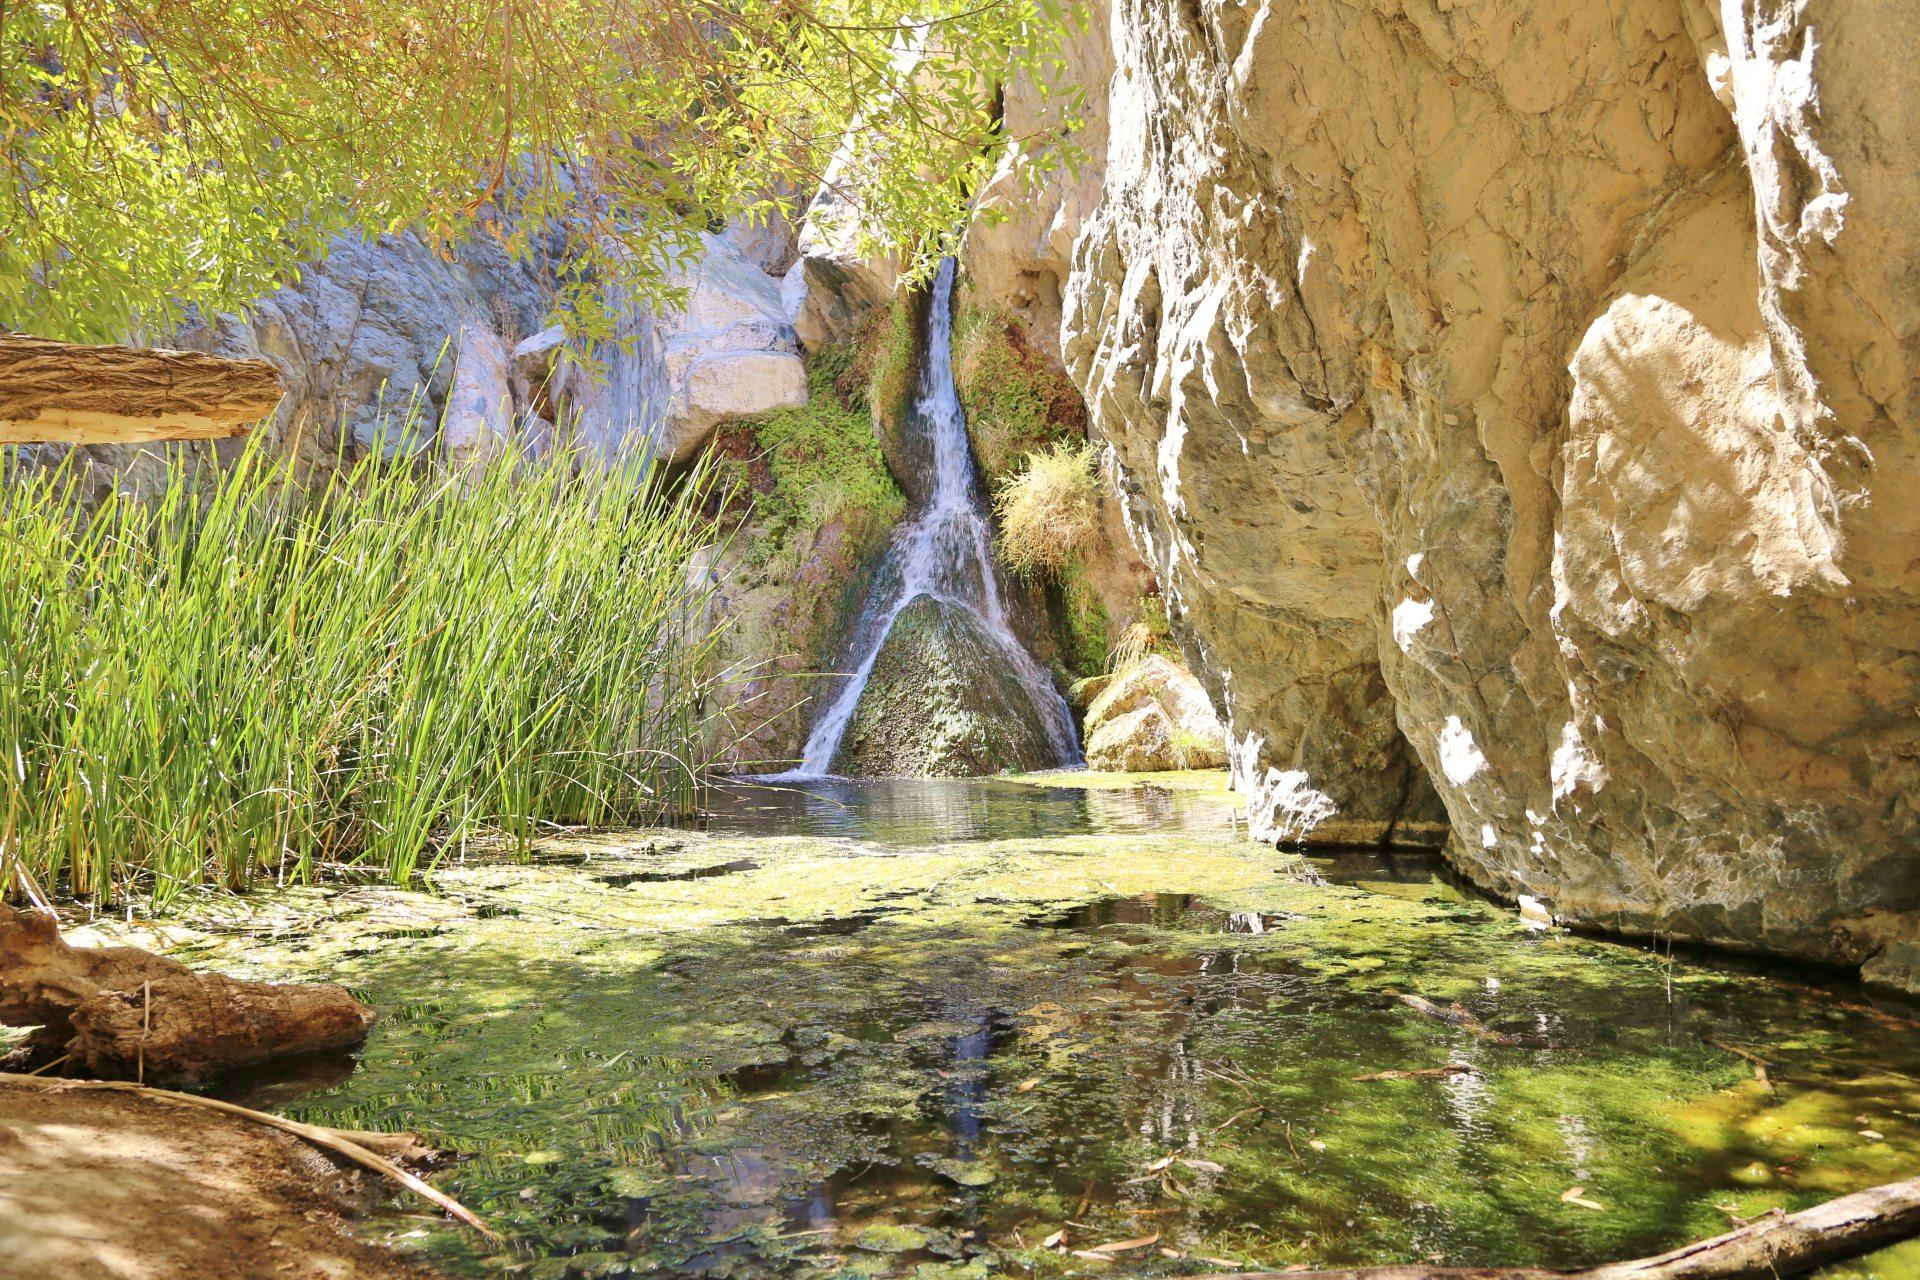 Fata Morgana oder wirklich die Darwin Falls? - Algen, Darwin Falls, Death Valley National Park, Felswand, Gestein, Gräser, Kalifornien, malerisch, Oase, traumhaft, Wasser, Wasserfall - (Panamint Springs, Darwin, California, Vereinigte Staaten)